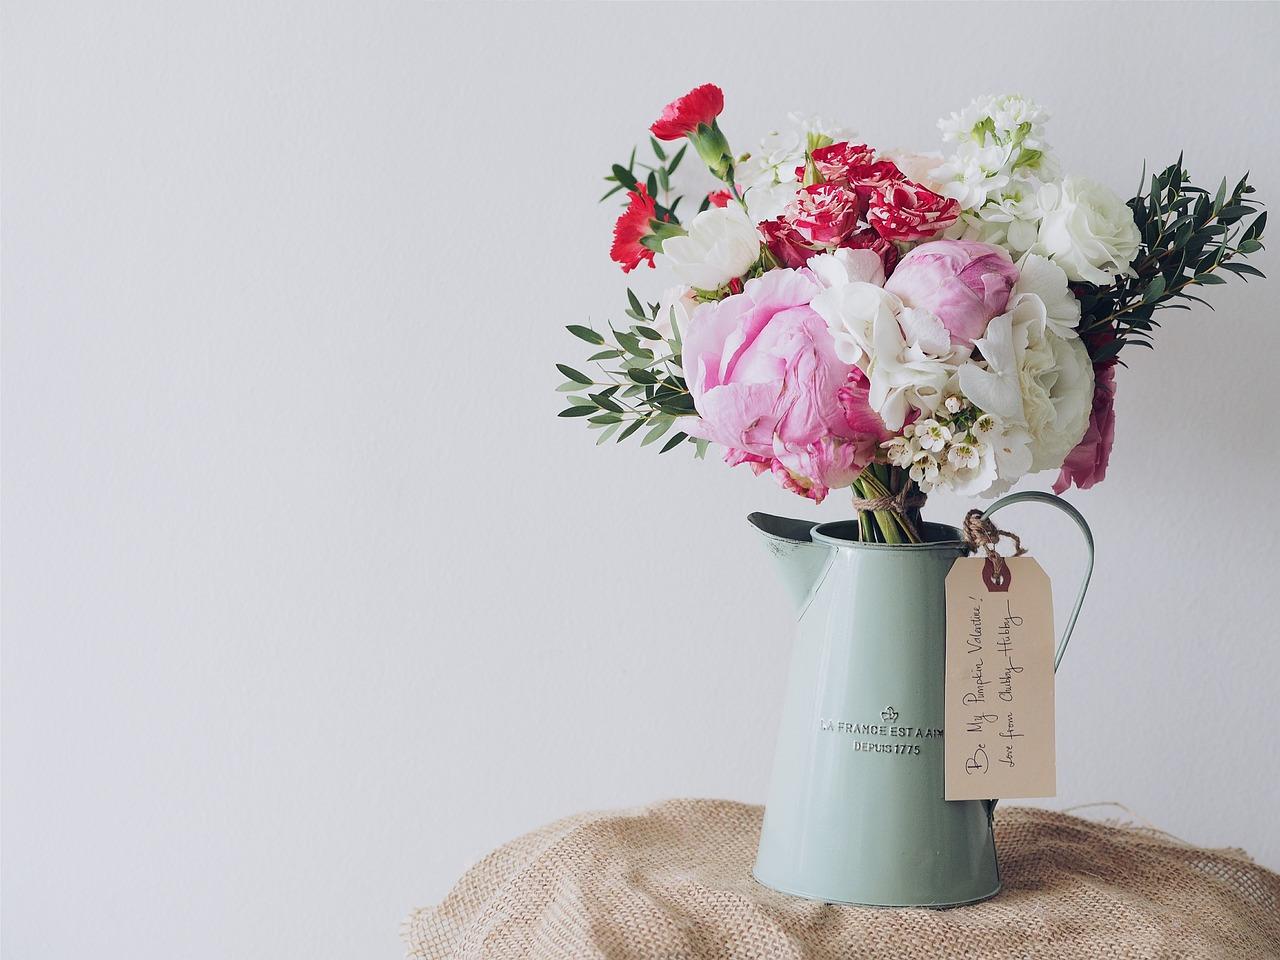 Blumen zum Valentinstag?